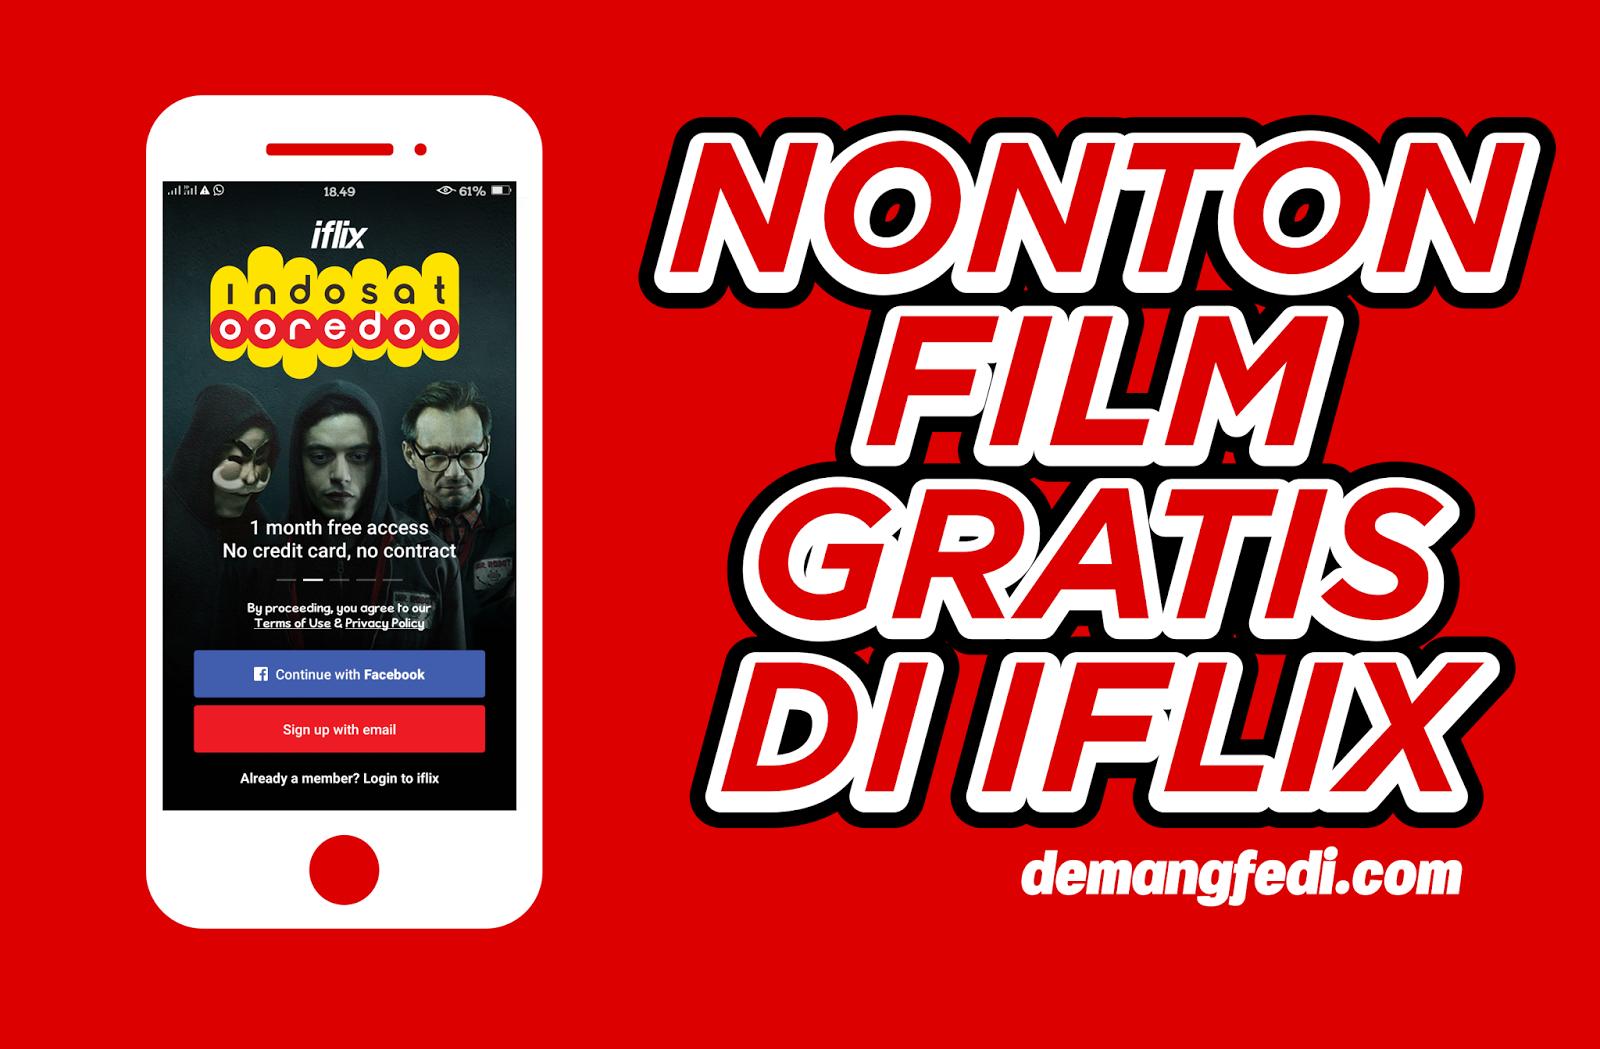 NontonFilm Gratis di Iflix